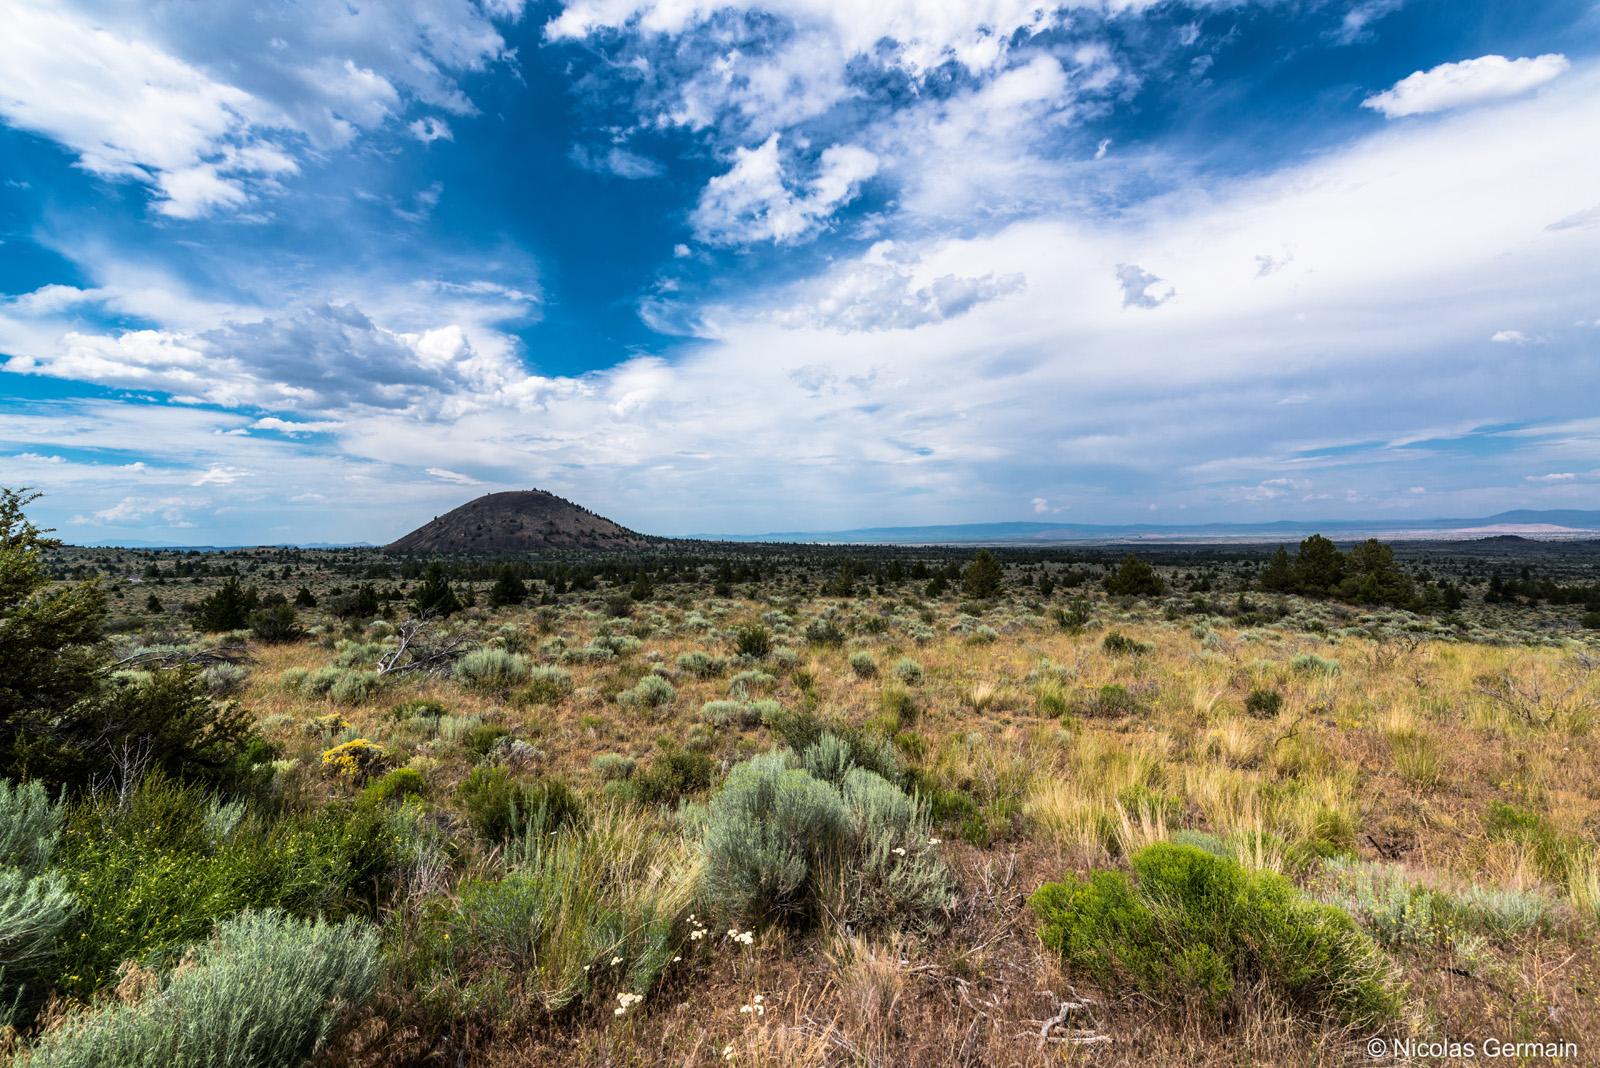 Paysage extérieur de Lava Beds National Monument, Californie